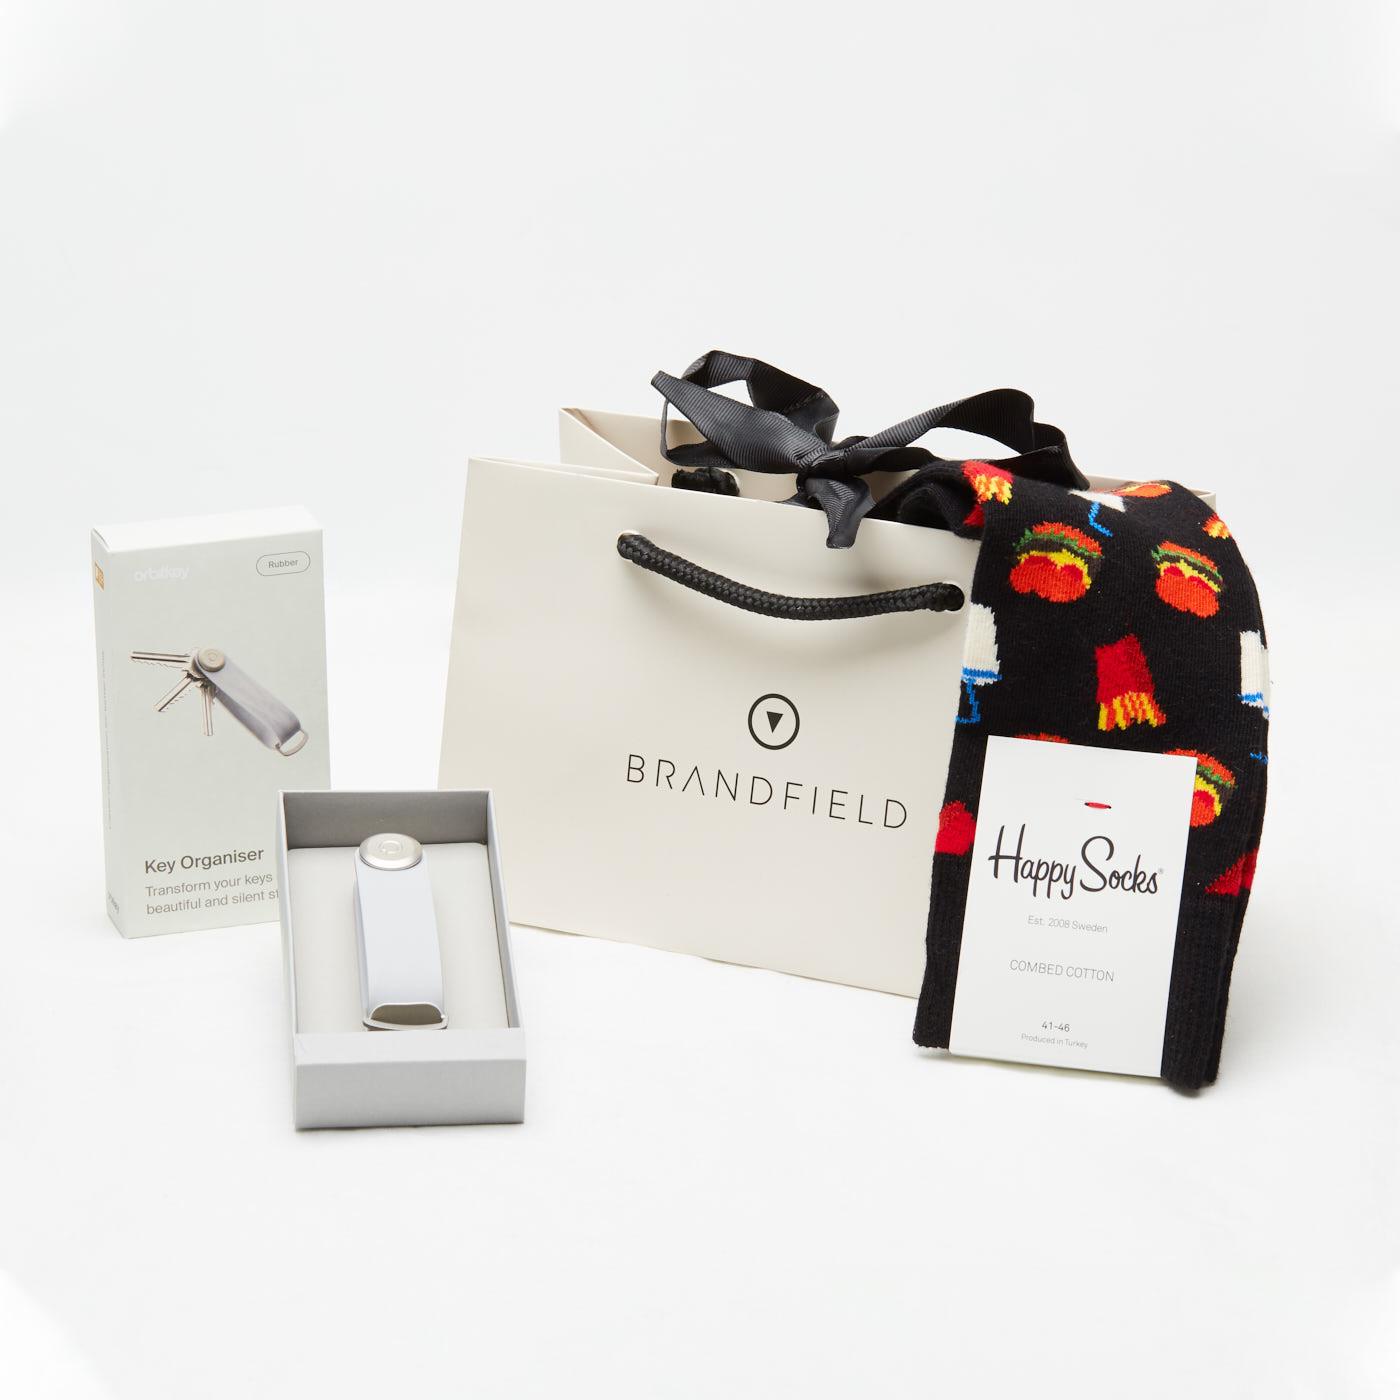 Orbitkey 2.0 Light Grey Sleutelhouder & Happy Socks (Size: 41-46) Set OB-HS-SET-LG